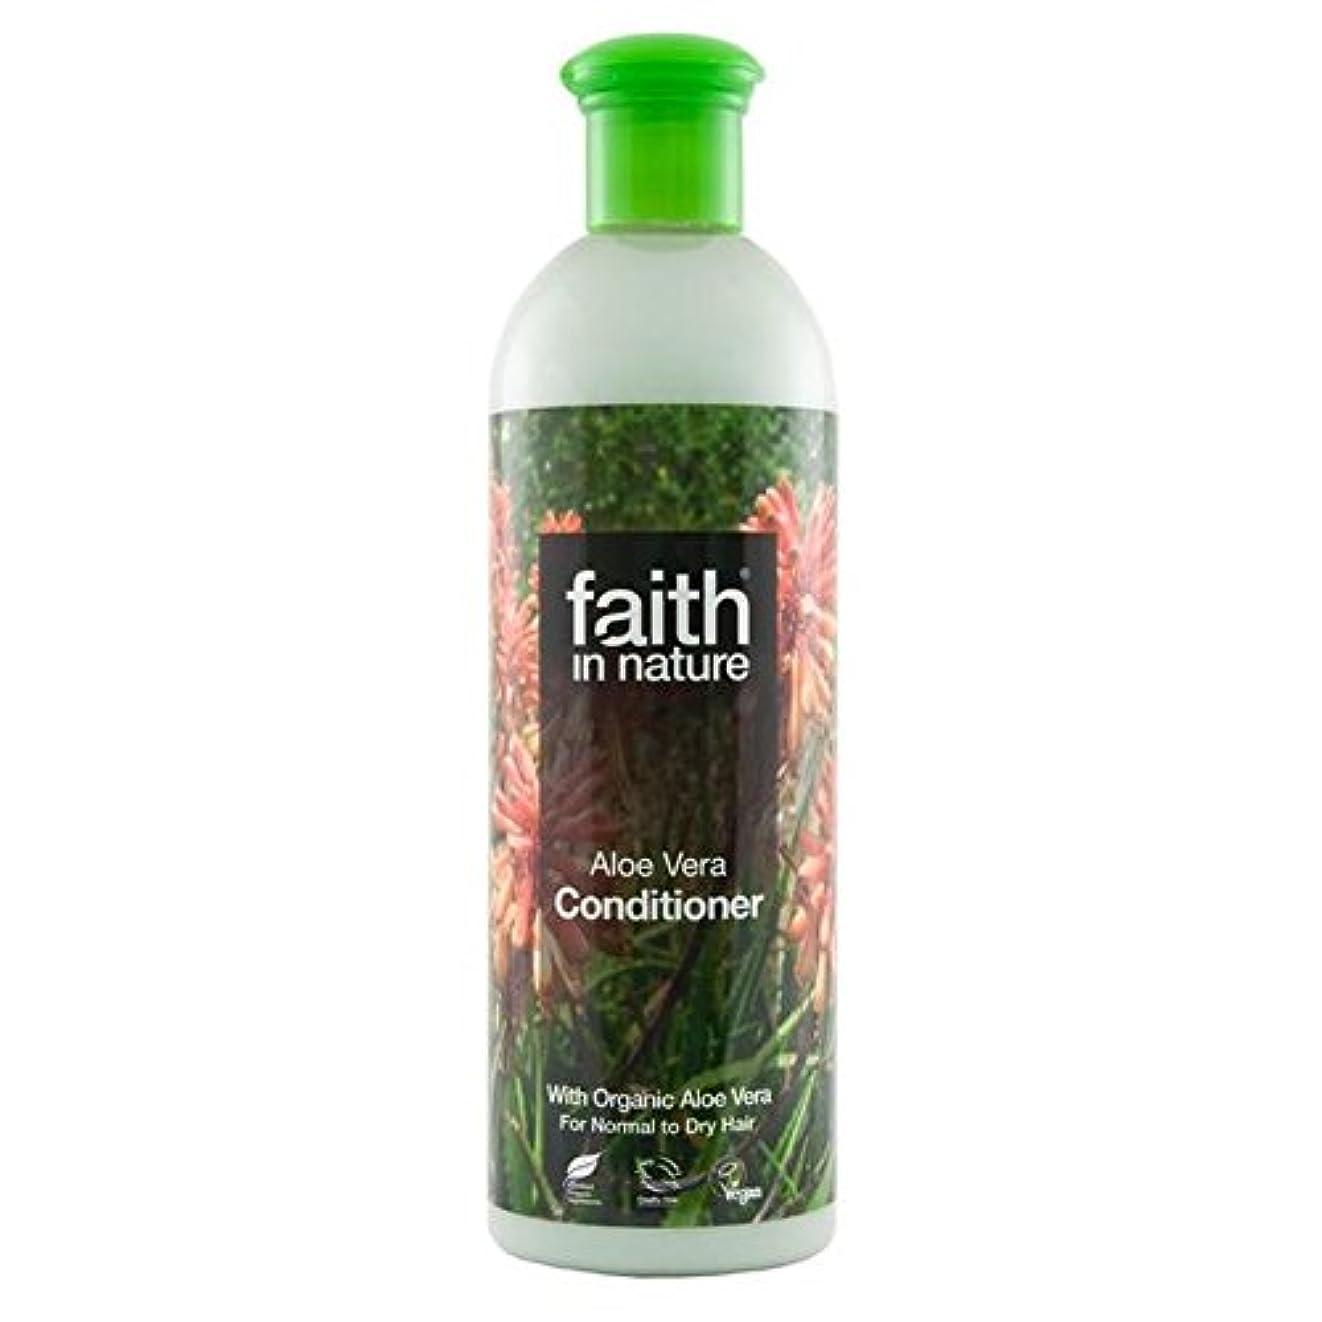 交渉する接続詞大胆不敵Faith in Nature Aloe Vera Conditioner 400ml (Pack of 6) - (Faith In Nature) 自然アロエベラコンディショナー400ミリリットルの信仰 (x6) [...